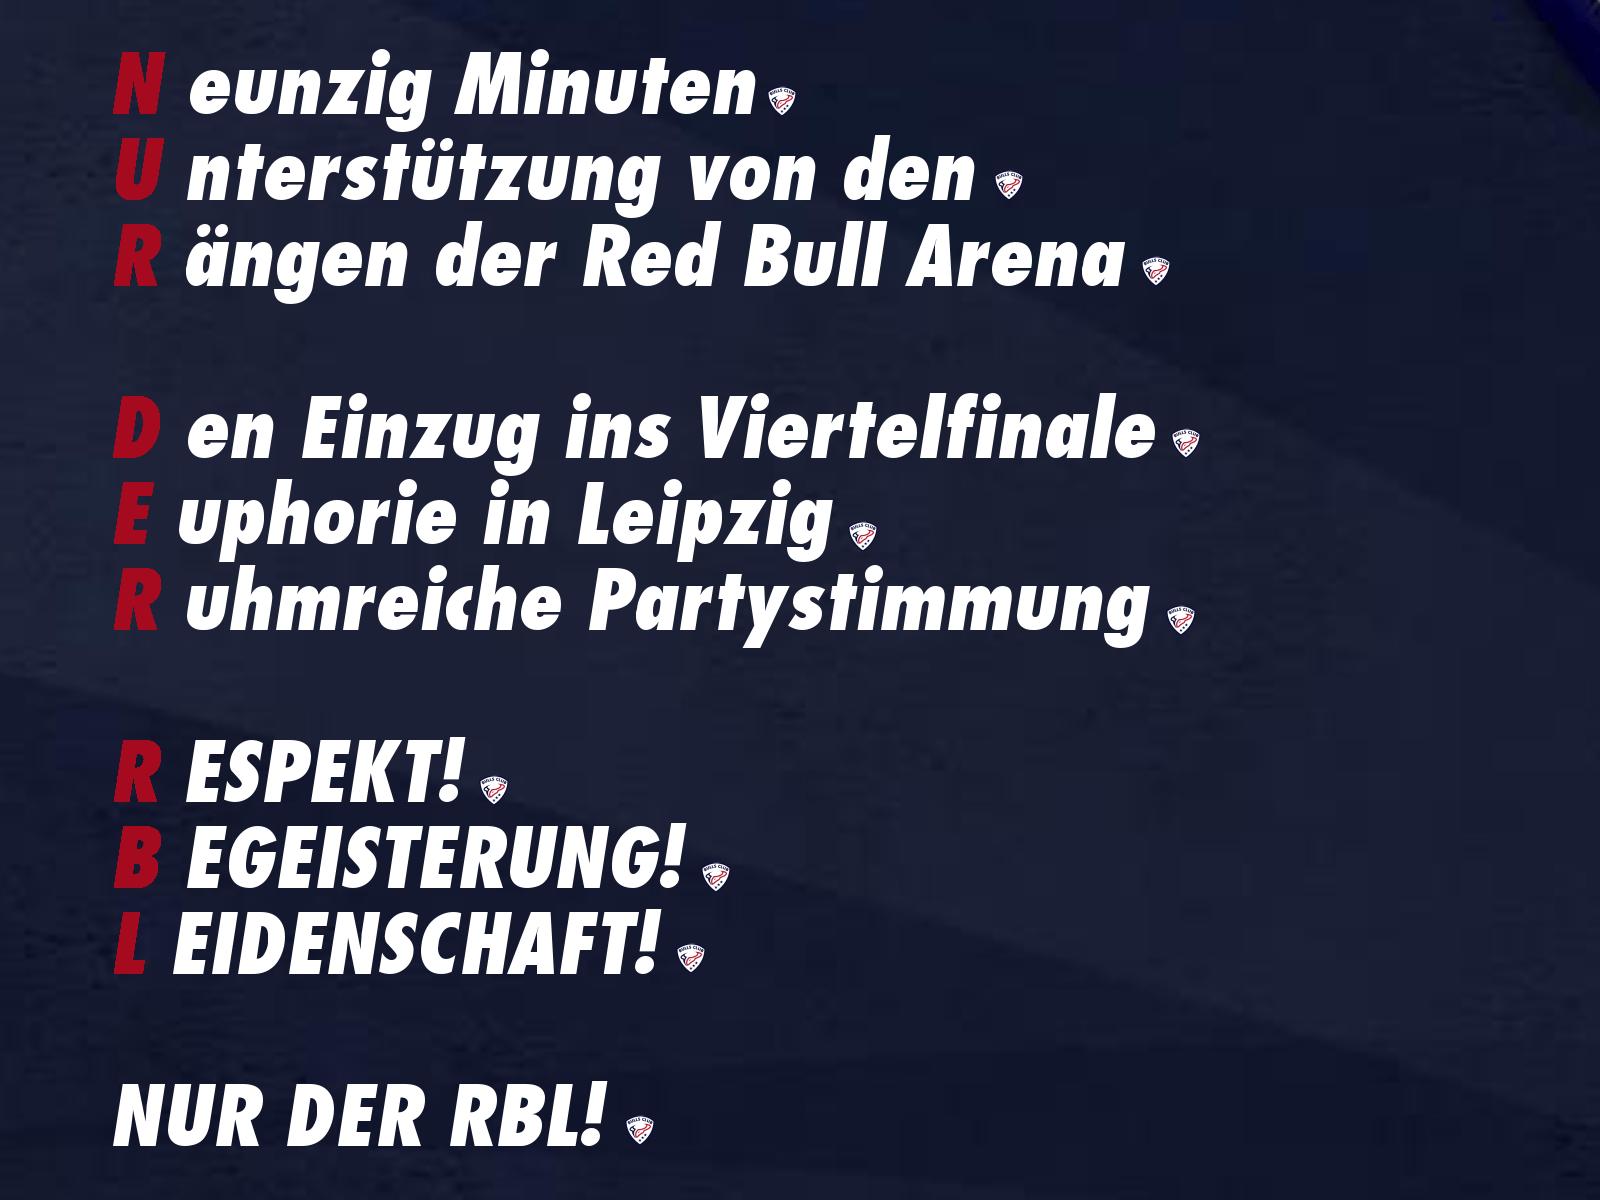 NUR DER RBL!